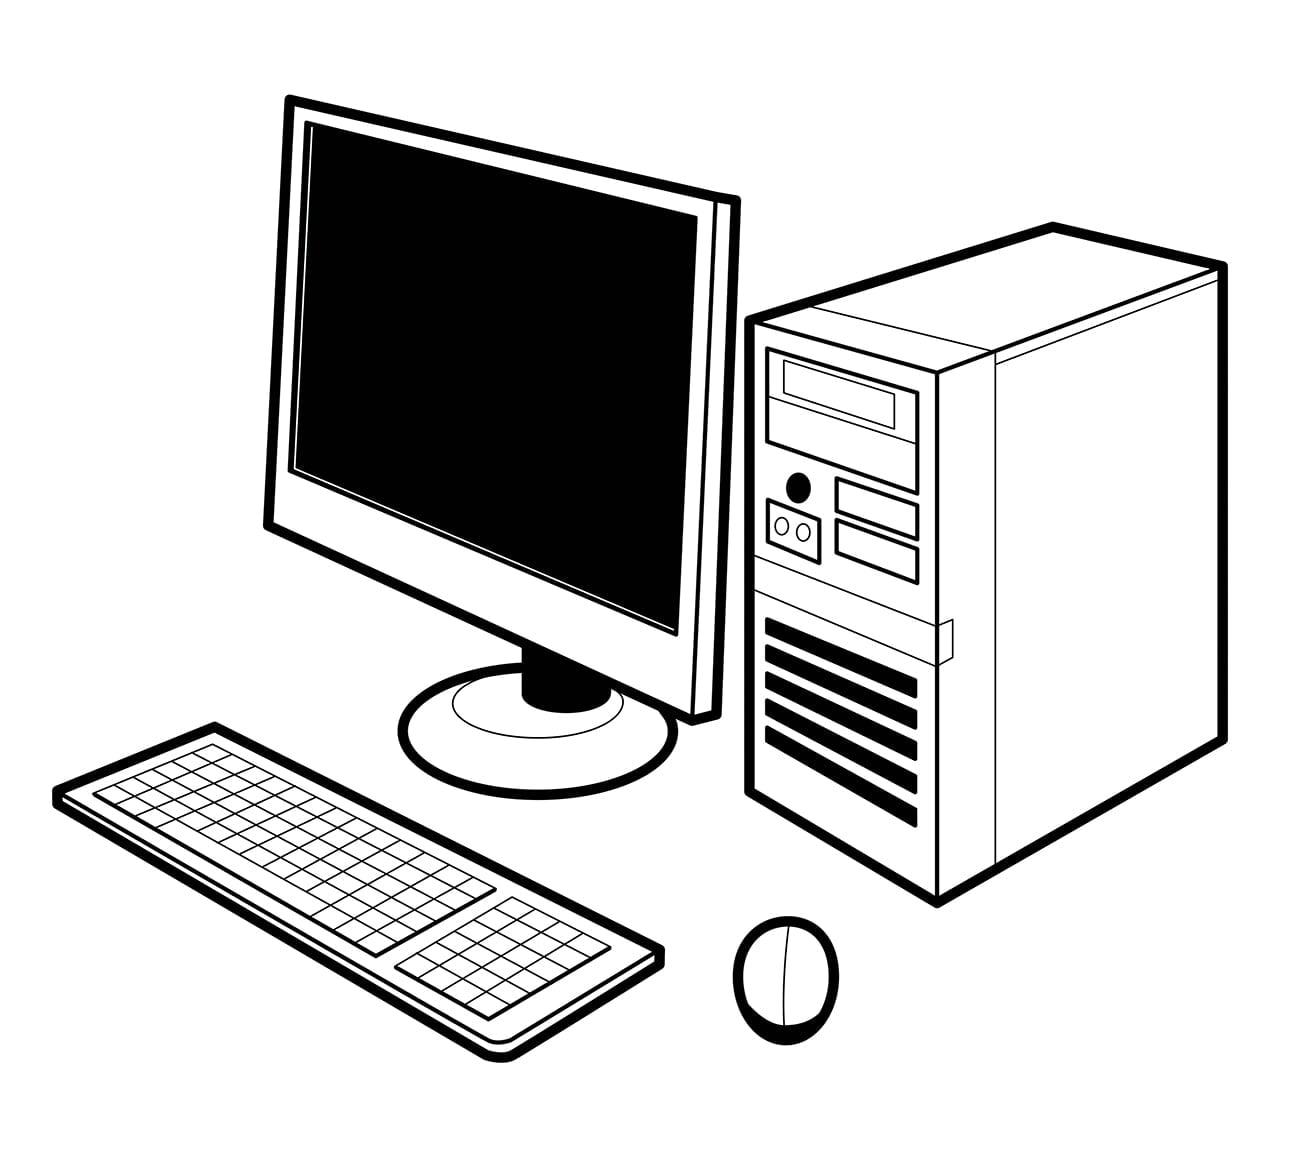 Ortsveränderliches elektrisches Betriebsmittel - Computer